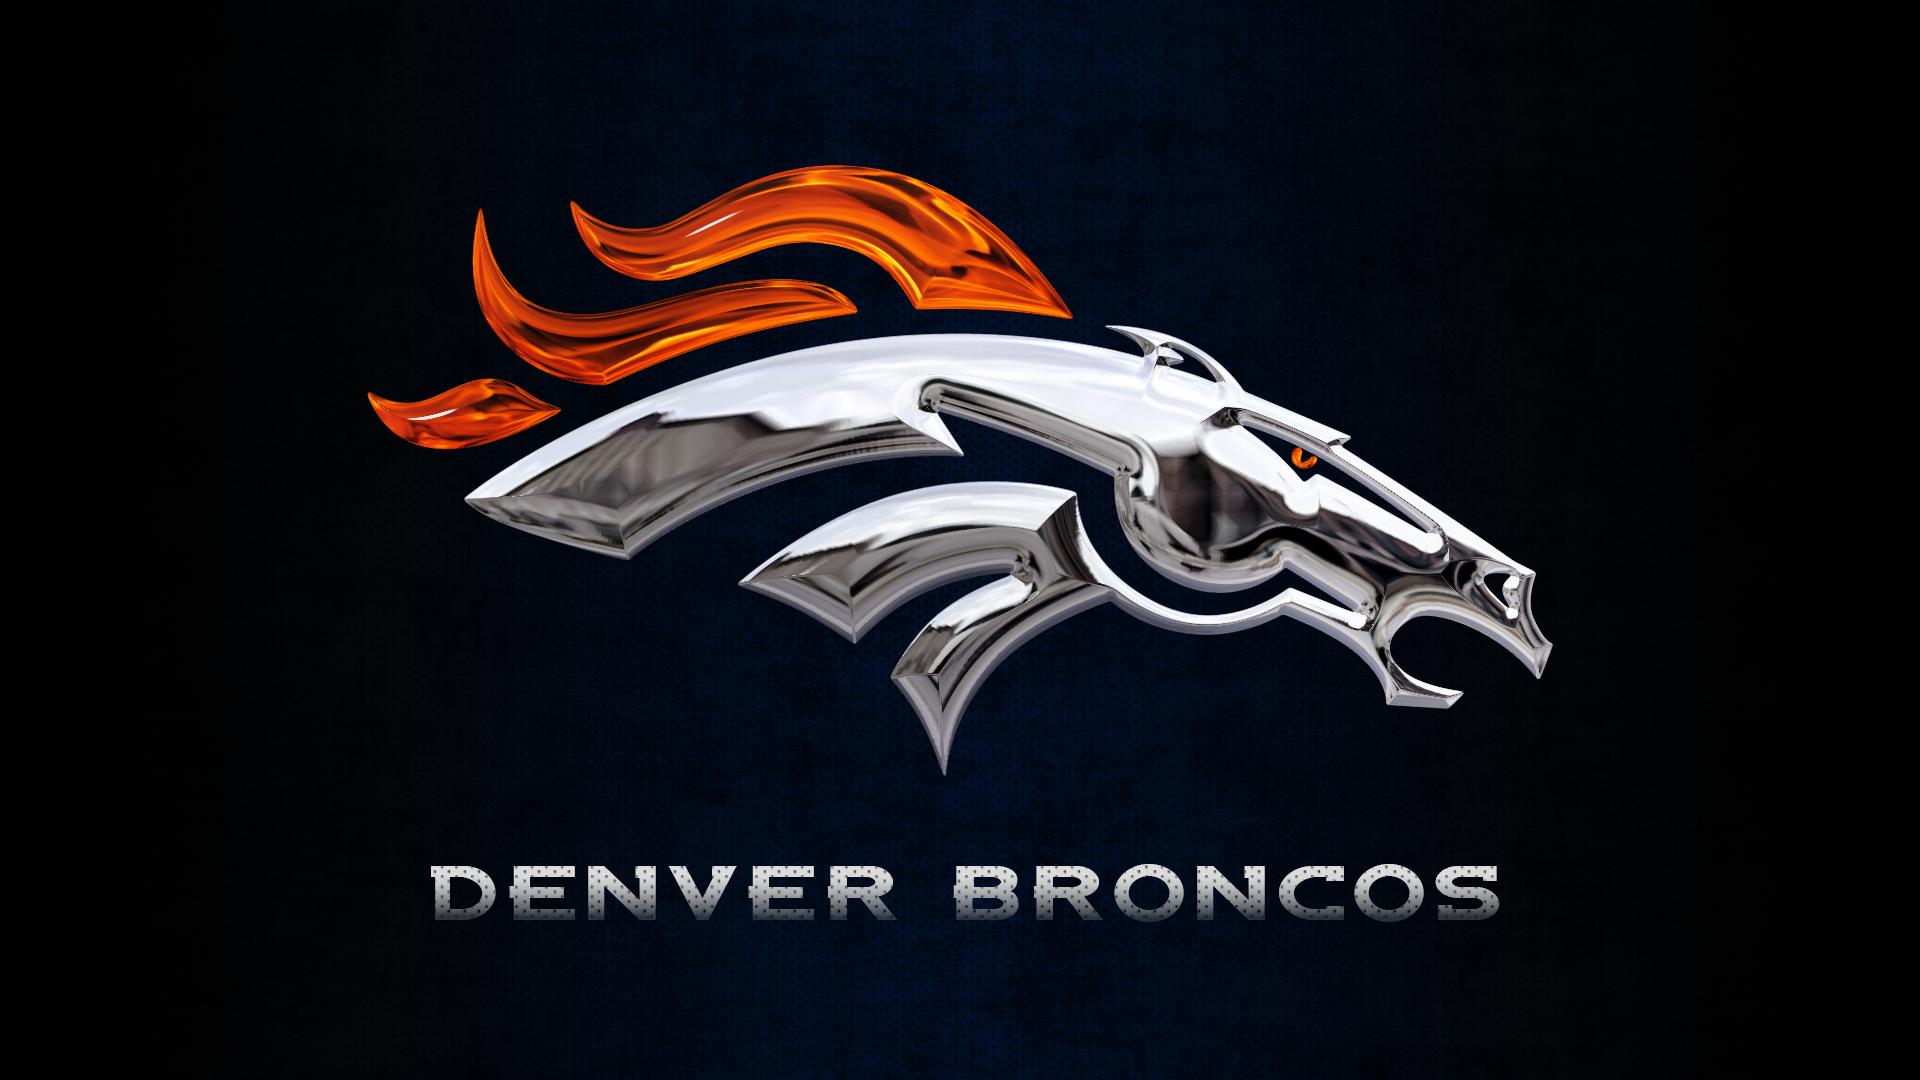 Denver Broncos Chrome Wallpaper